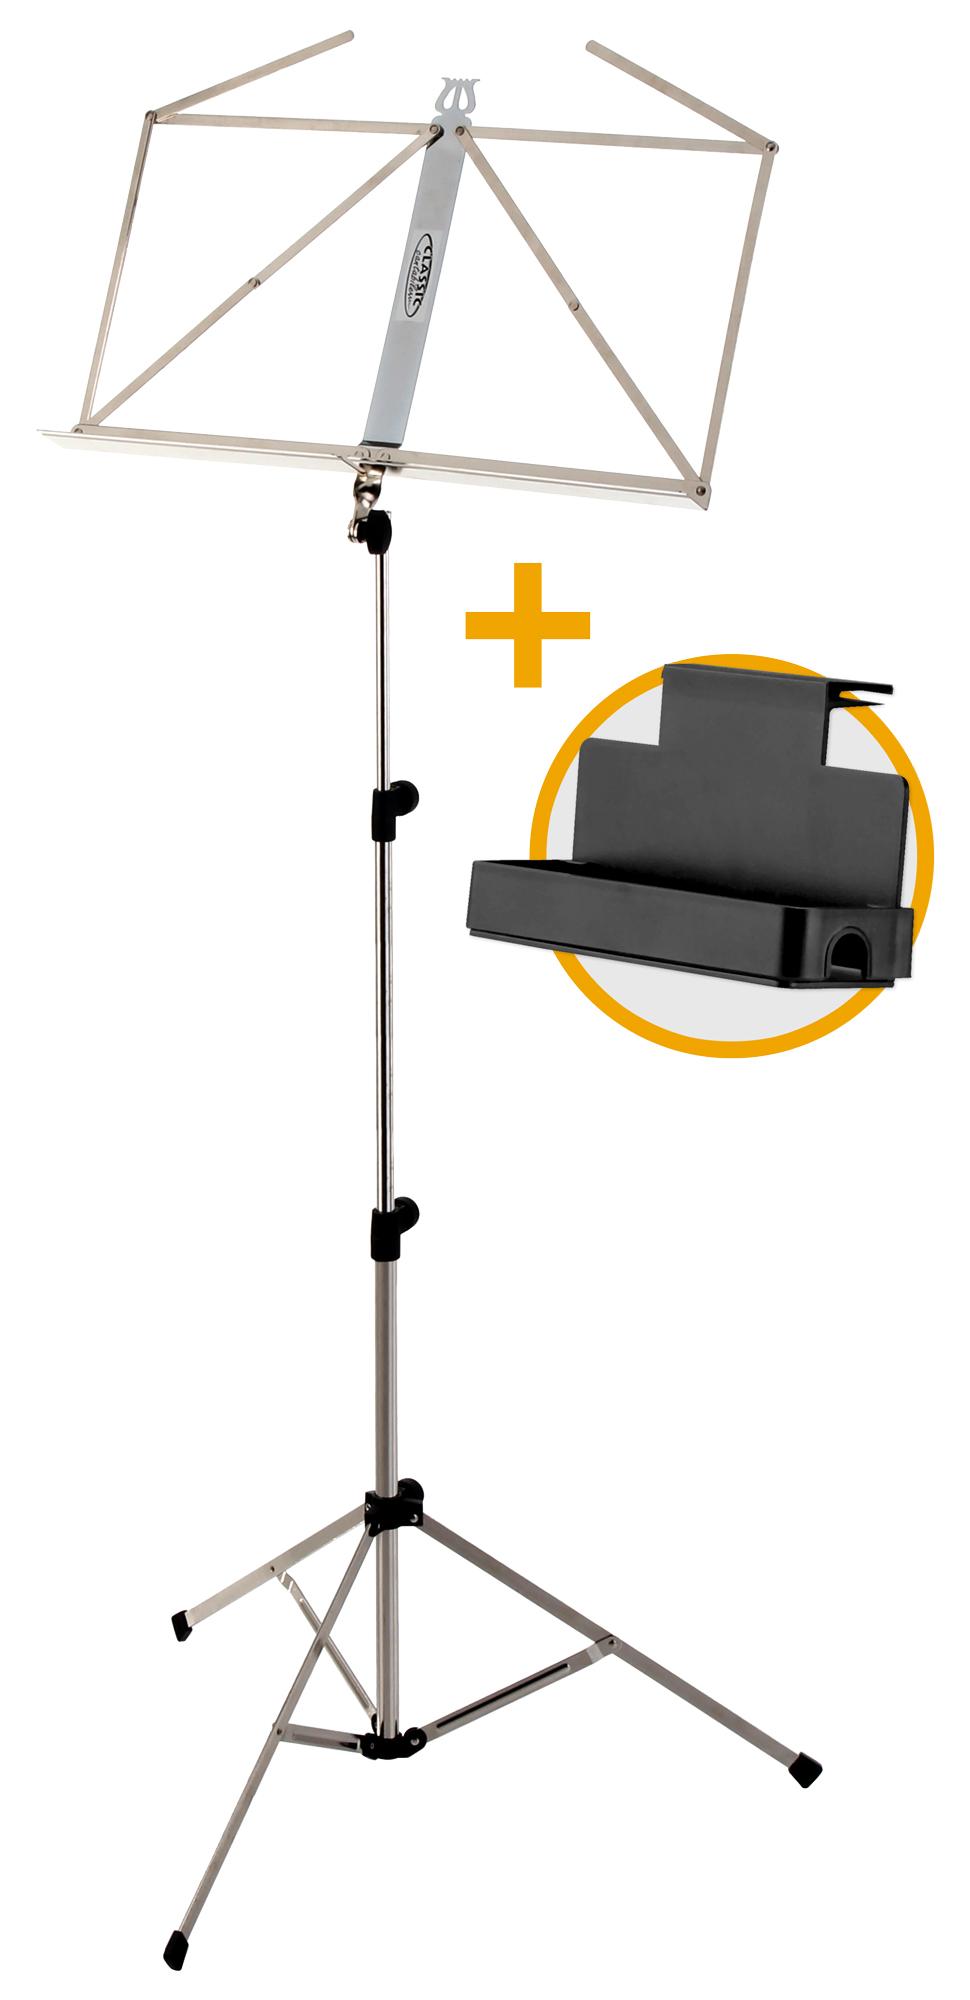 Musikerzubehoer - Classic Cantabile Notenständer Light Nickel Set inkl. Ablagebox - Onlineshop Musikhaus Kirstein